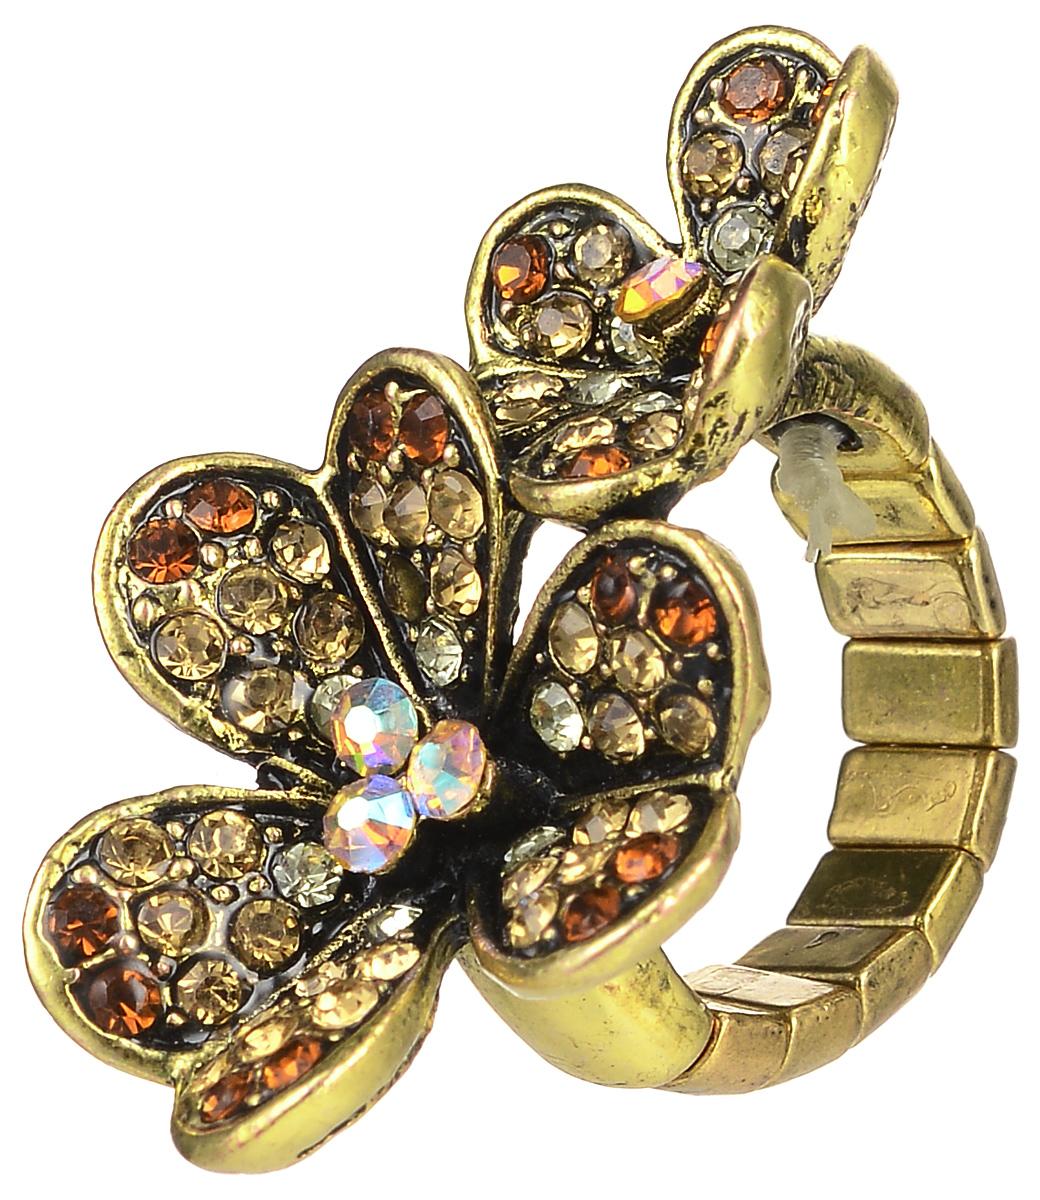 Кольцо Taya, цвет: золотистый, желтый. T-B-7328T-B-7328-RING-GOLDКольцо Taya выполнено из бижутерийного сплава и оформлено элементом в виде двух листочков клевера, которые дополнены стразами. Эластичная резинка, которая дополняет основание изделия, делает размер кольца универсальным. Элегантное кольцо Taya выгодно подчеркнет изящество, женственность и красоту своей обладательницы.